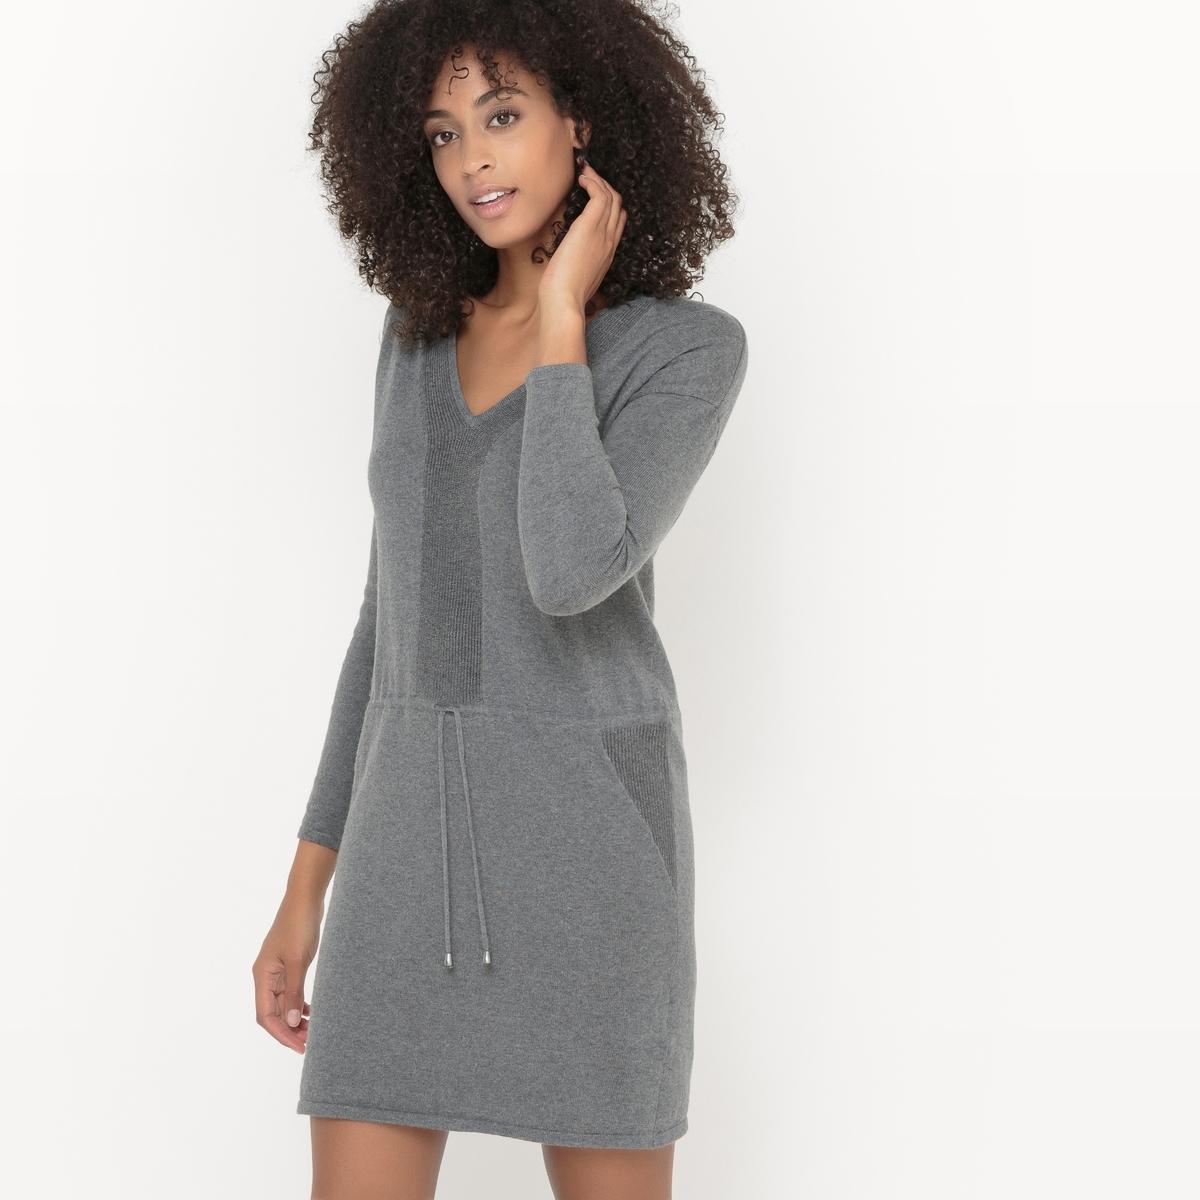 Платье-пуловер трикотажное.Состав и описаниеМатериалы : 80% хлопка, 20% шерстиМарка : Sud ExpressМодель : ROVERDALEУходСледуйте рекомендациям по уходу, указанным на этикетке изделия.<br><br>Цвет: серый меланж<br>Размер: M.S